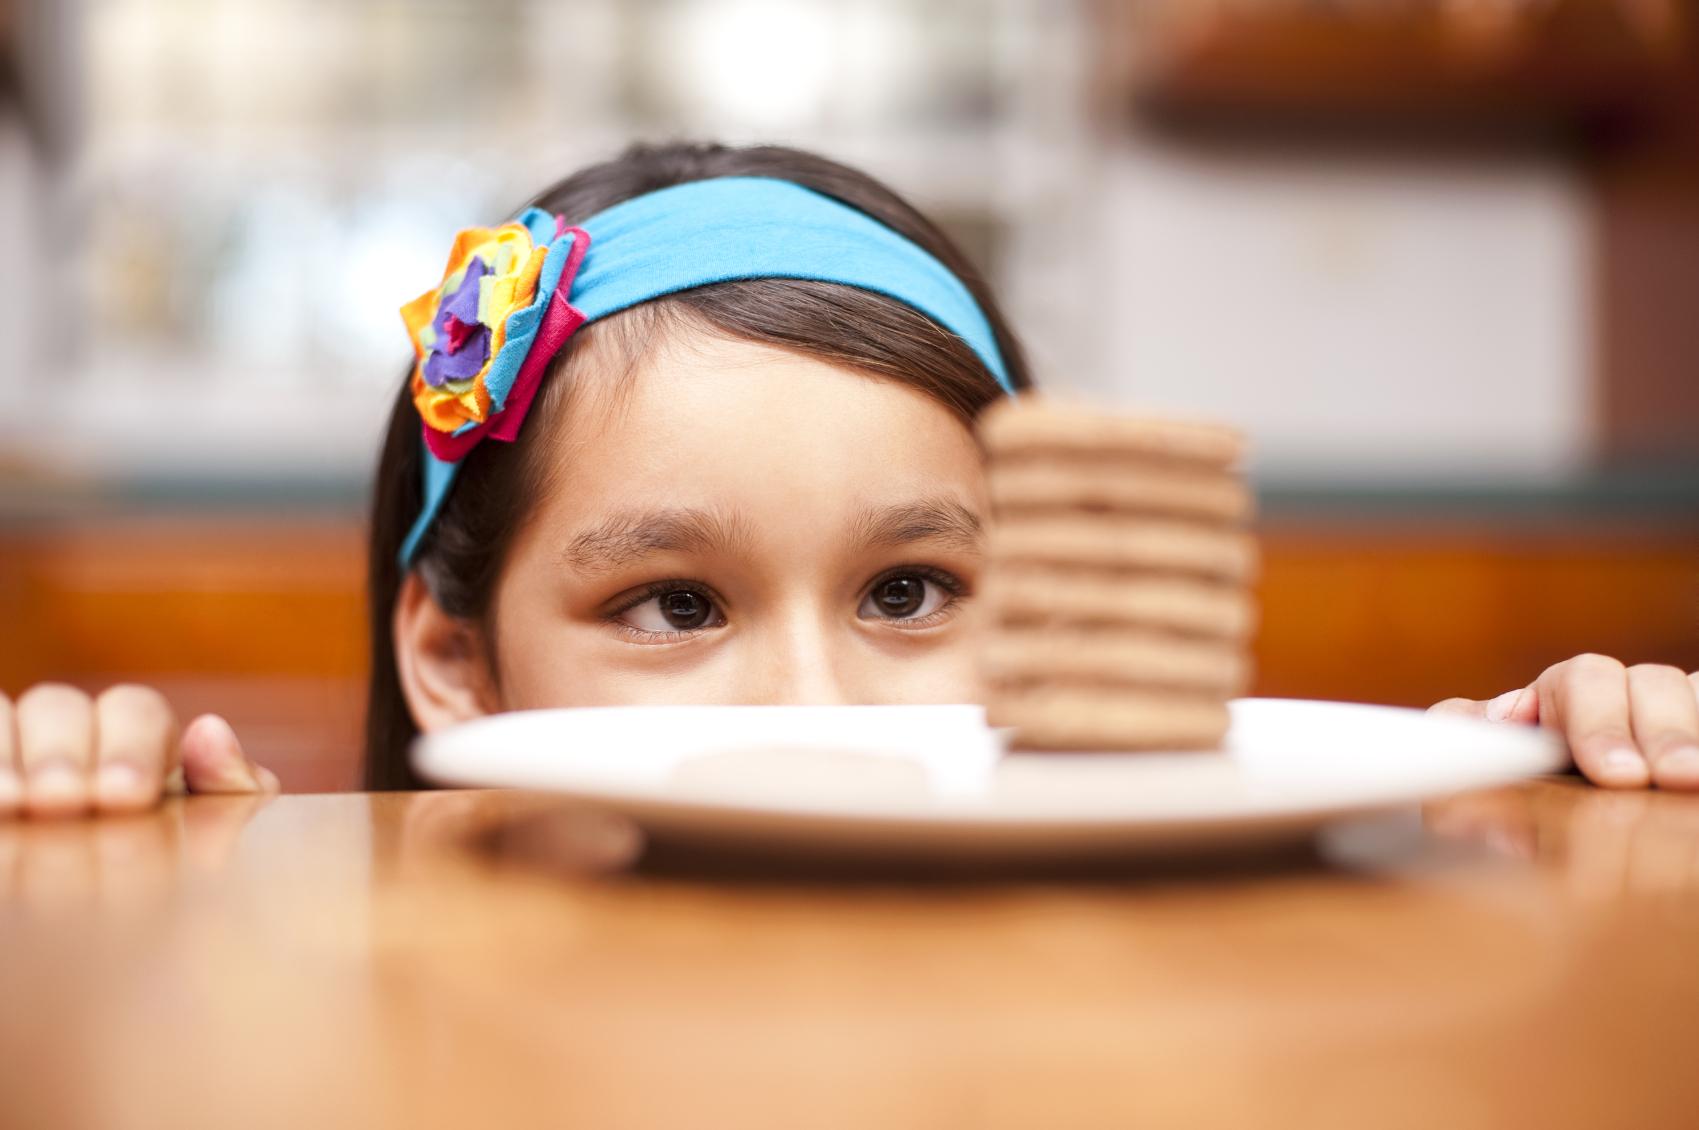 Svarbiausia nesiūlyti vaikui sausainių, sūrelių, kitų užkandžių ar saldžių gėrimų prieš ar tarp pagrindinių patiekalų, tada apetitas ateis savaime. (Asociatyvi nuotr.)